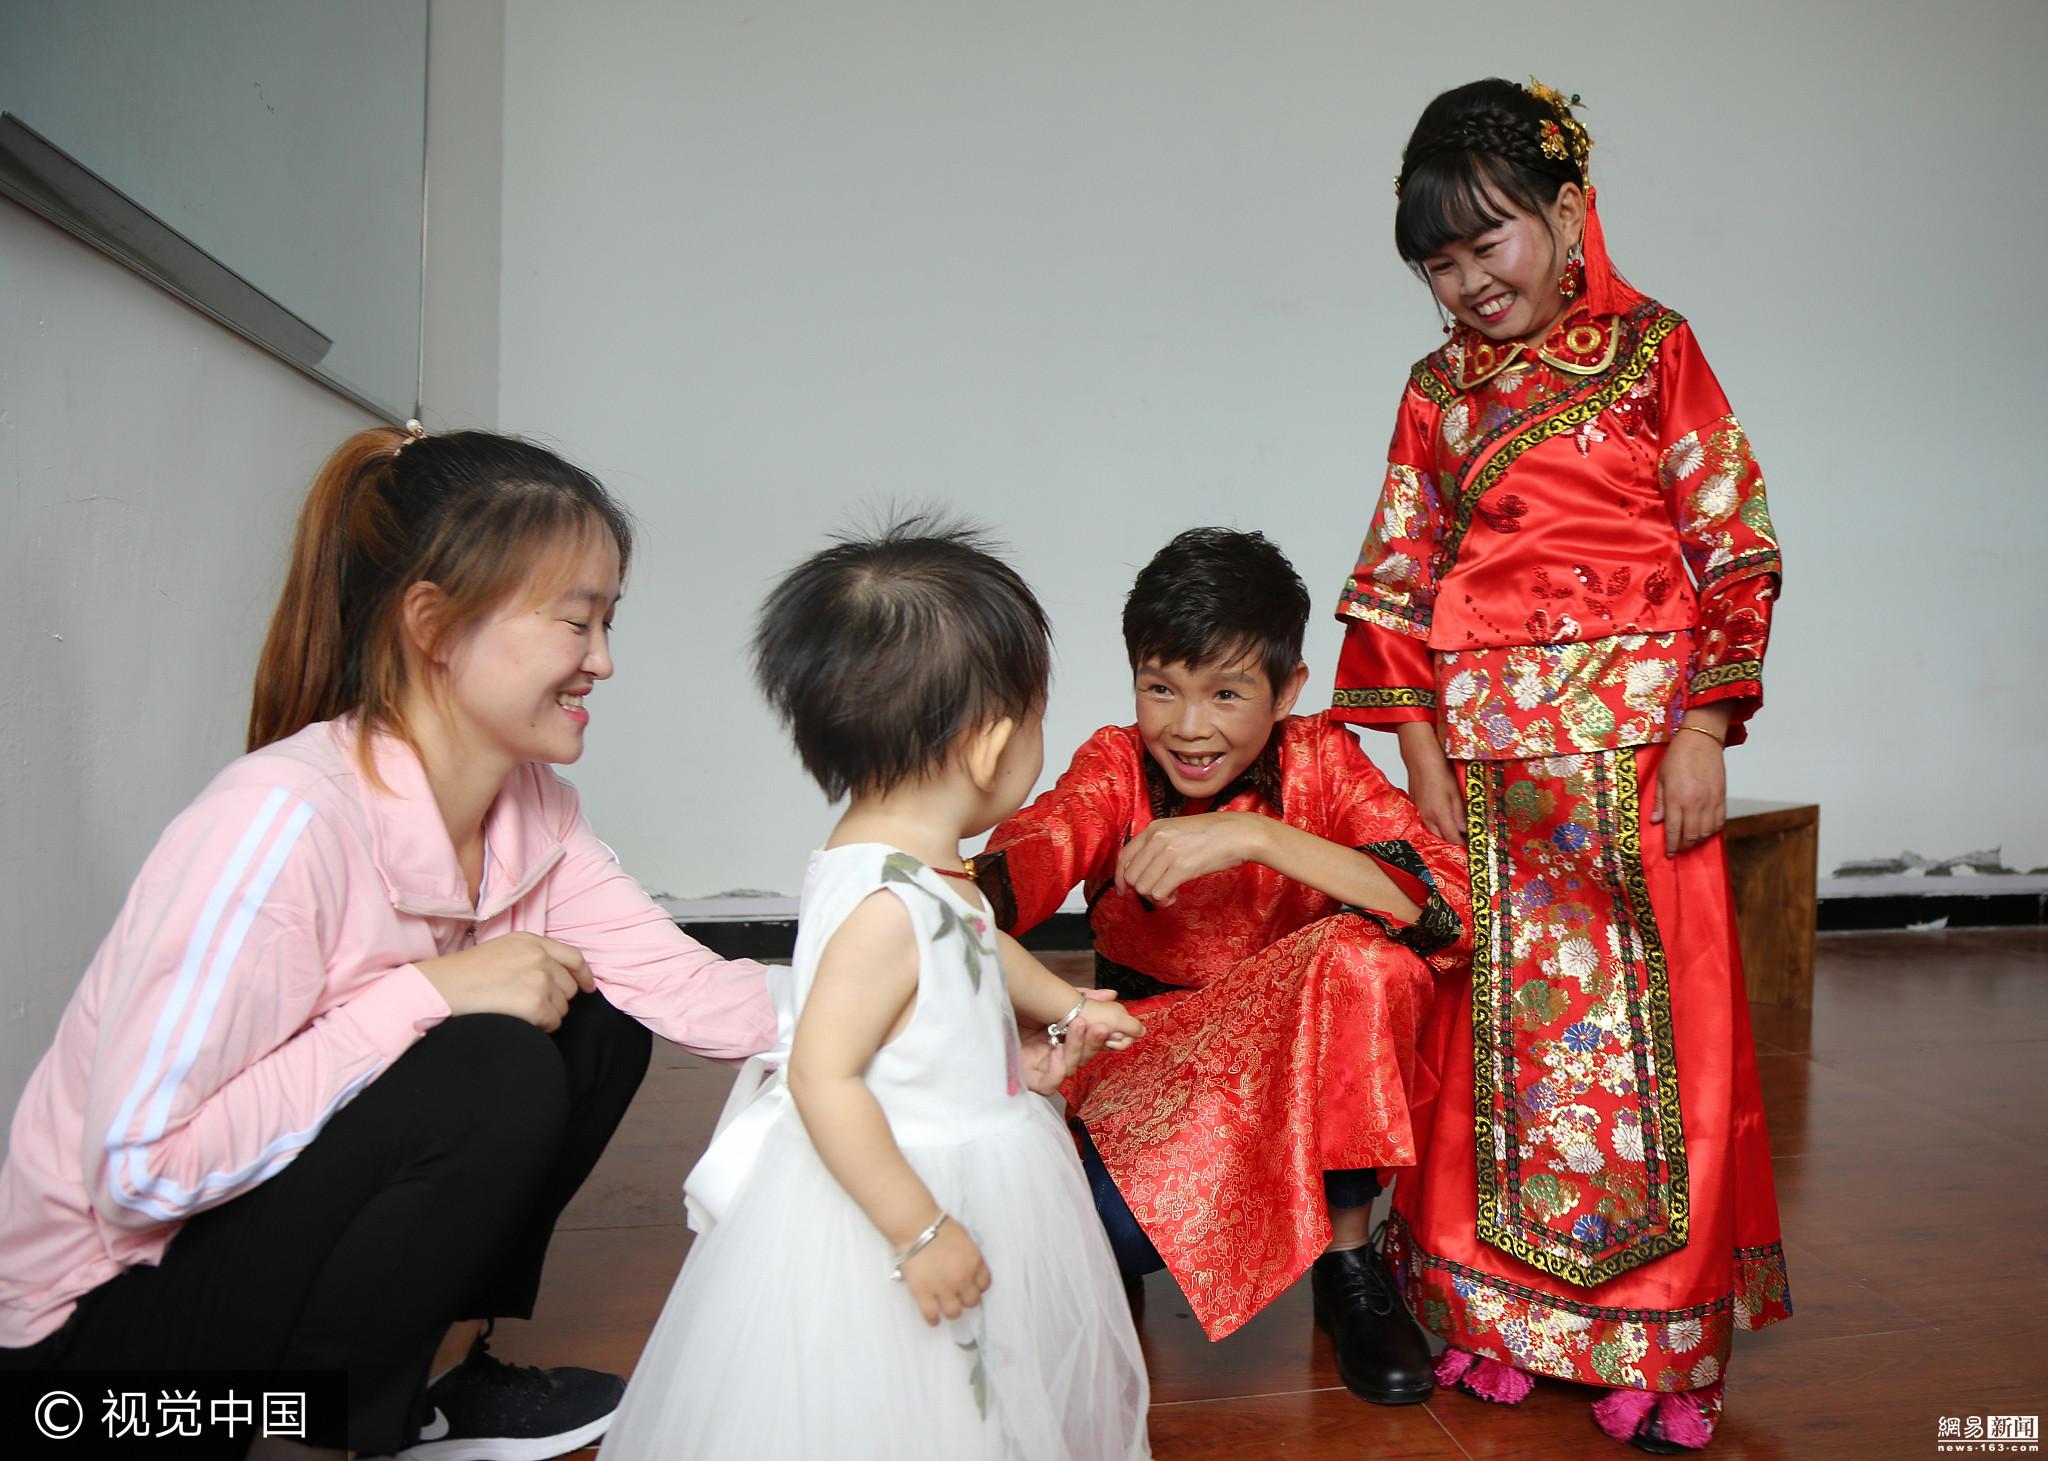 拥有10岁外表的袖珍老师终圆婚姻梦 - 周公乐 - xinhua8848 的博客